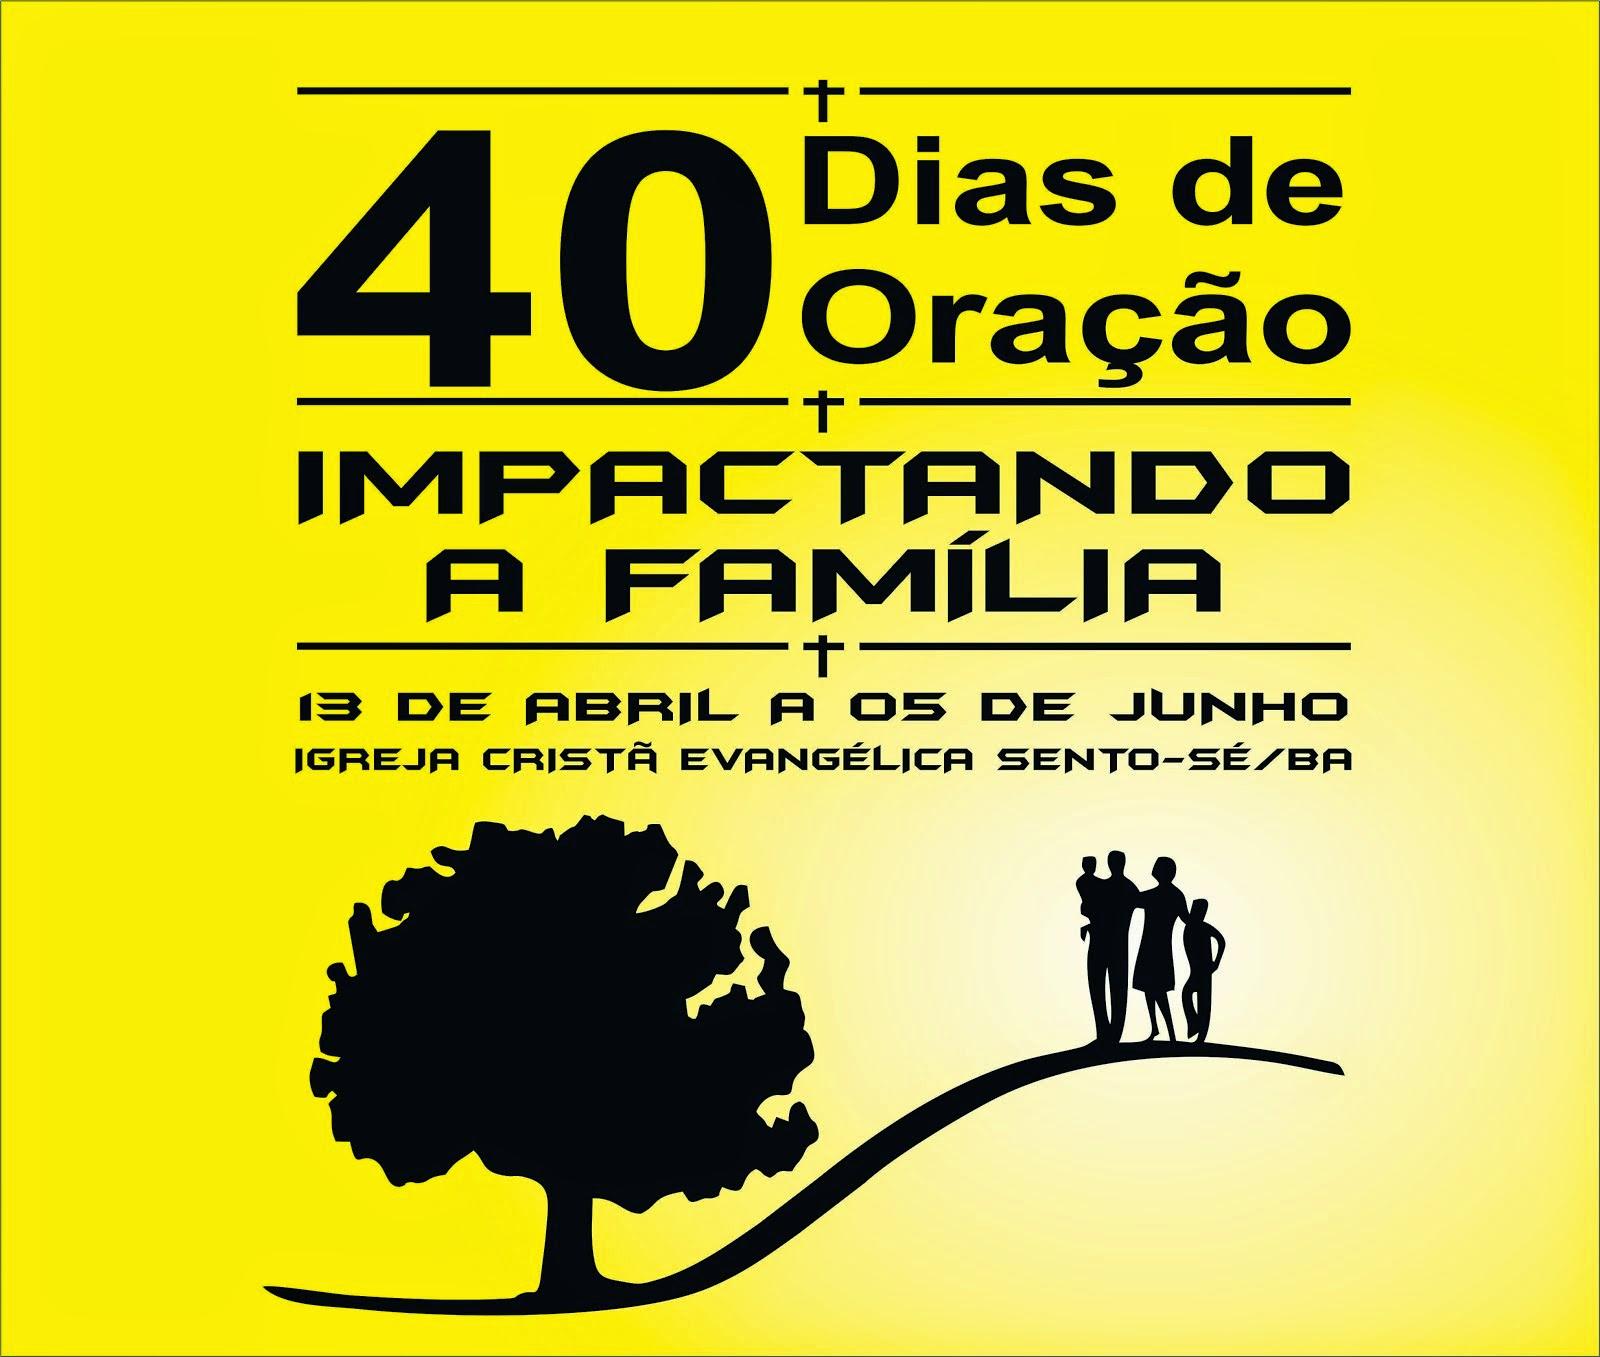 CAMPANHA 40 DIAS DE ORAÇÃO PELA FAMILIA